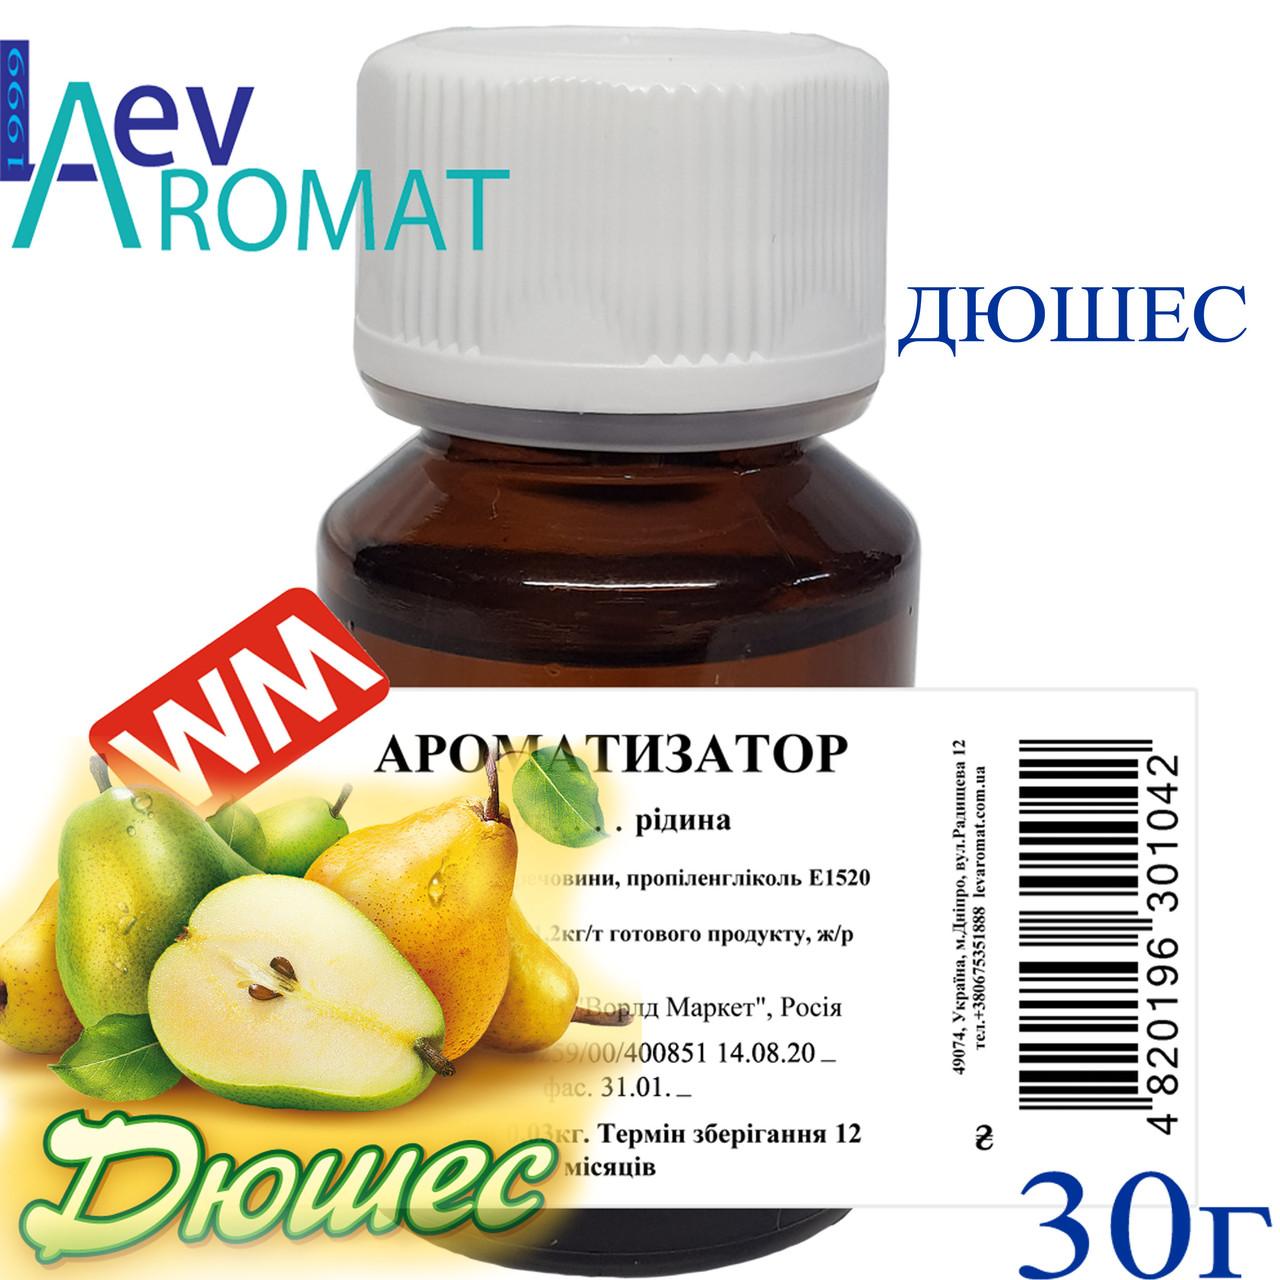 Дюшес аромат для напитков и кондитерских кремов Ворлд Маркет (300) 30грамм